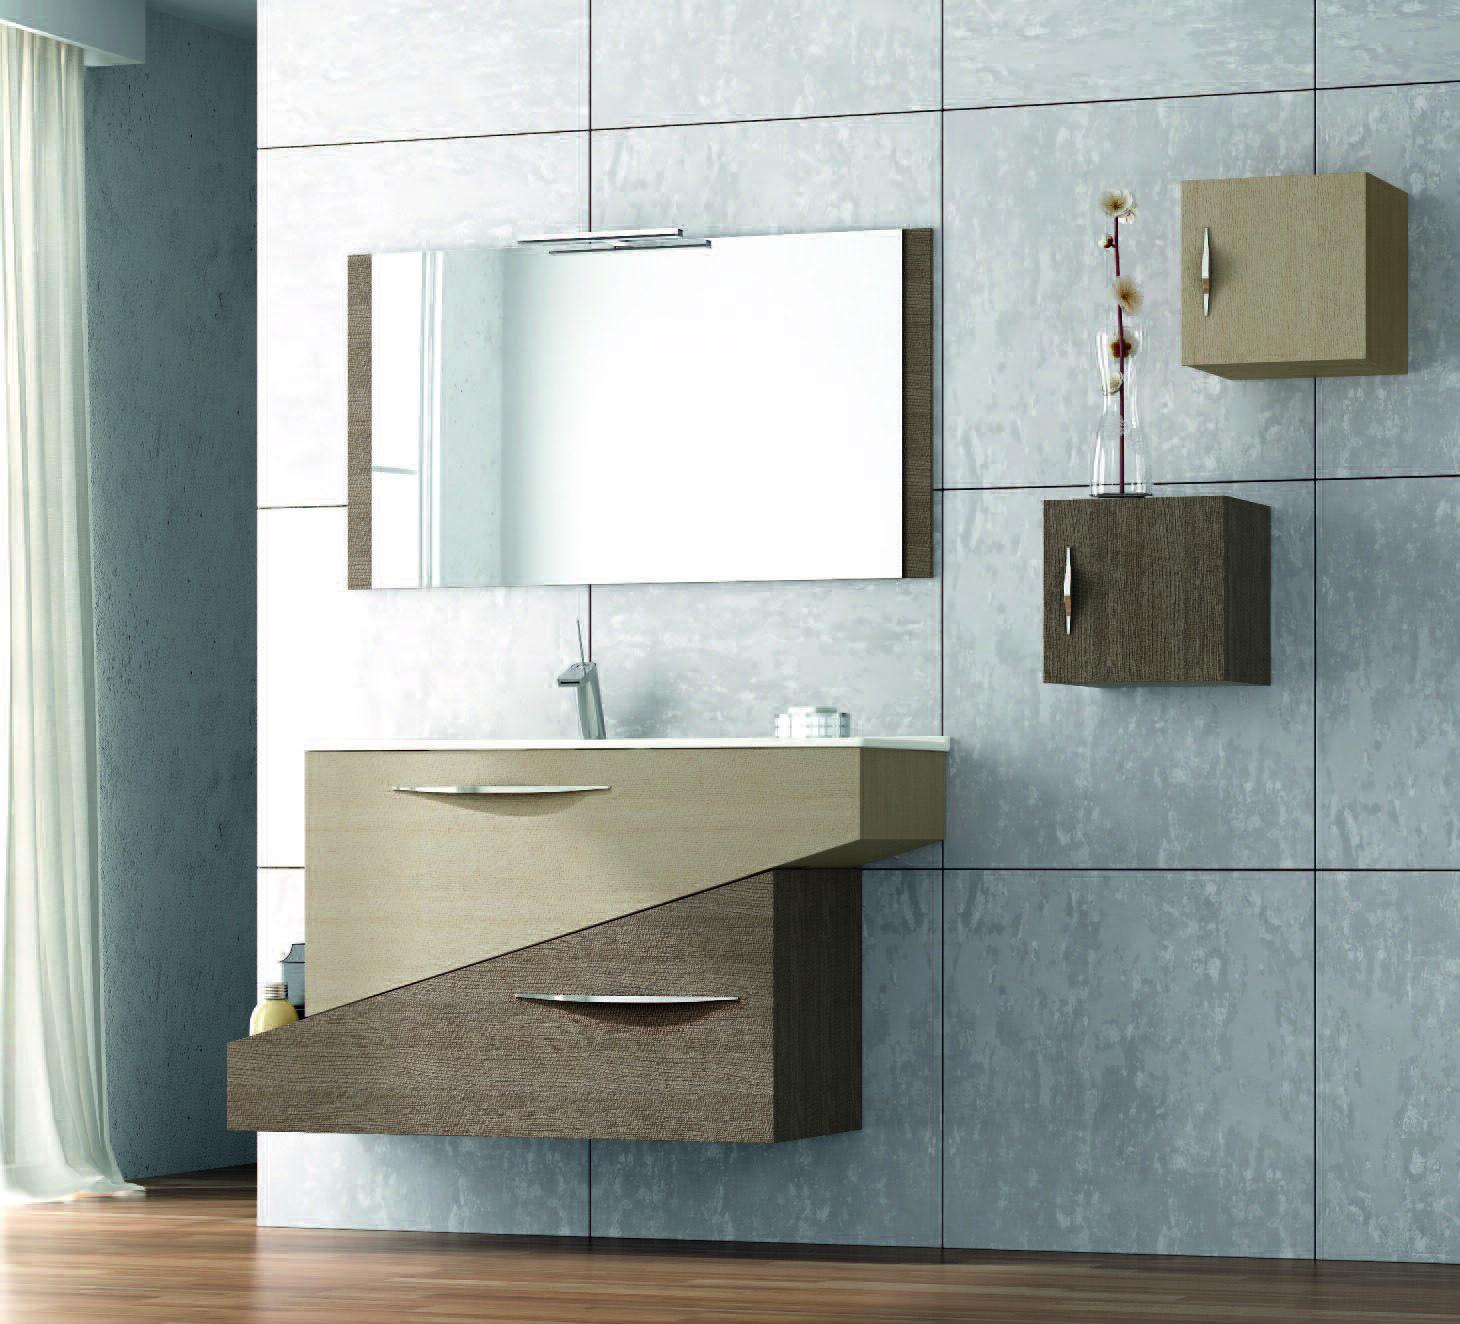 Muebles de ba o serie geometric muebles de ba o de dise o for Accesorios bano diseno italiano